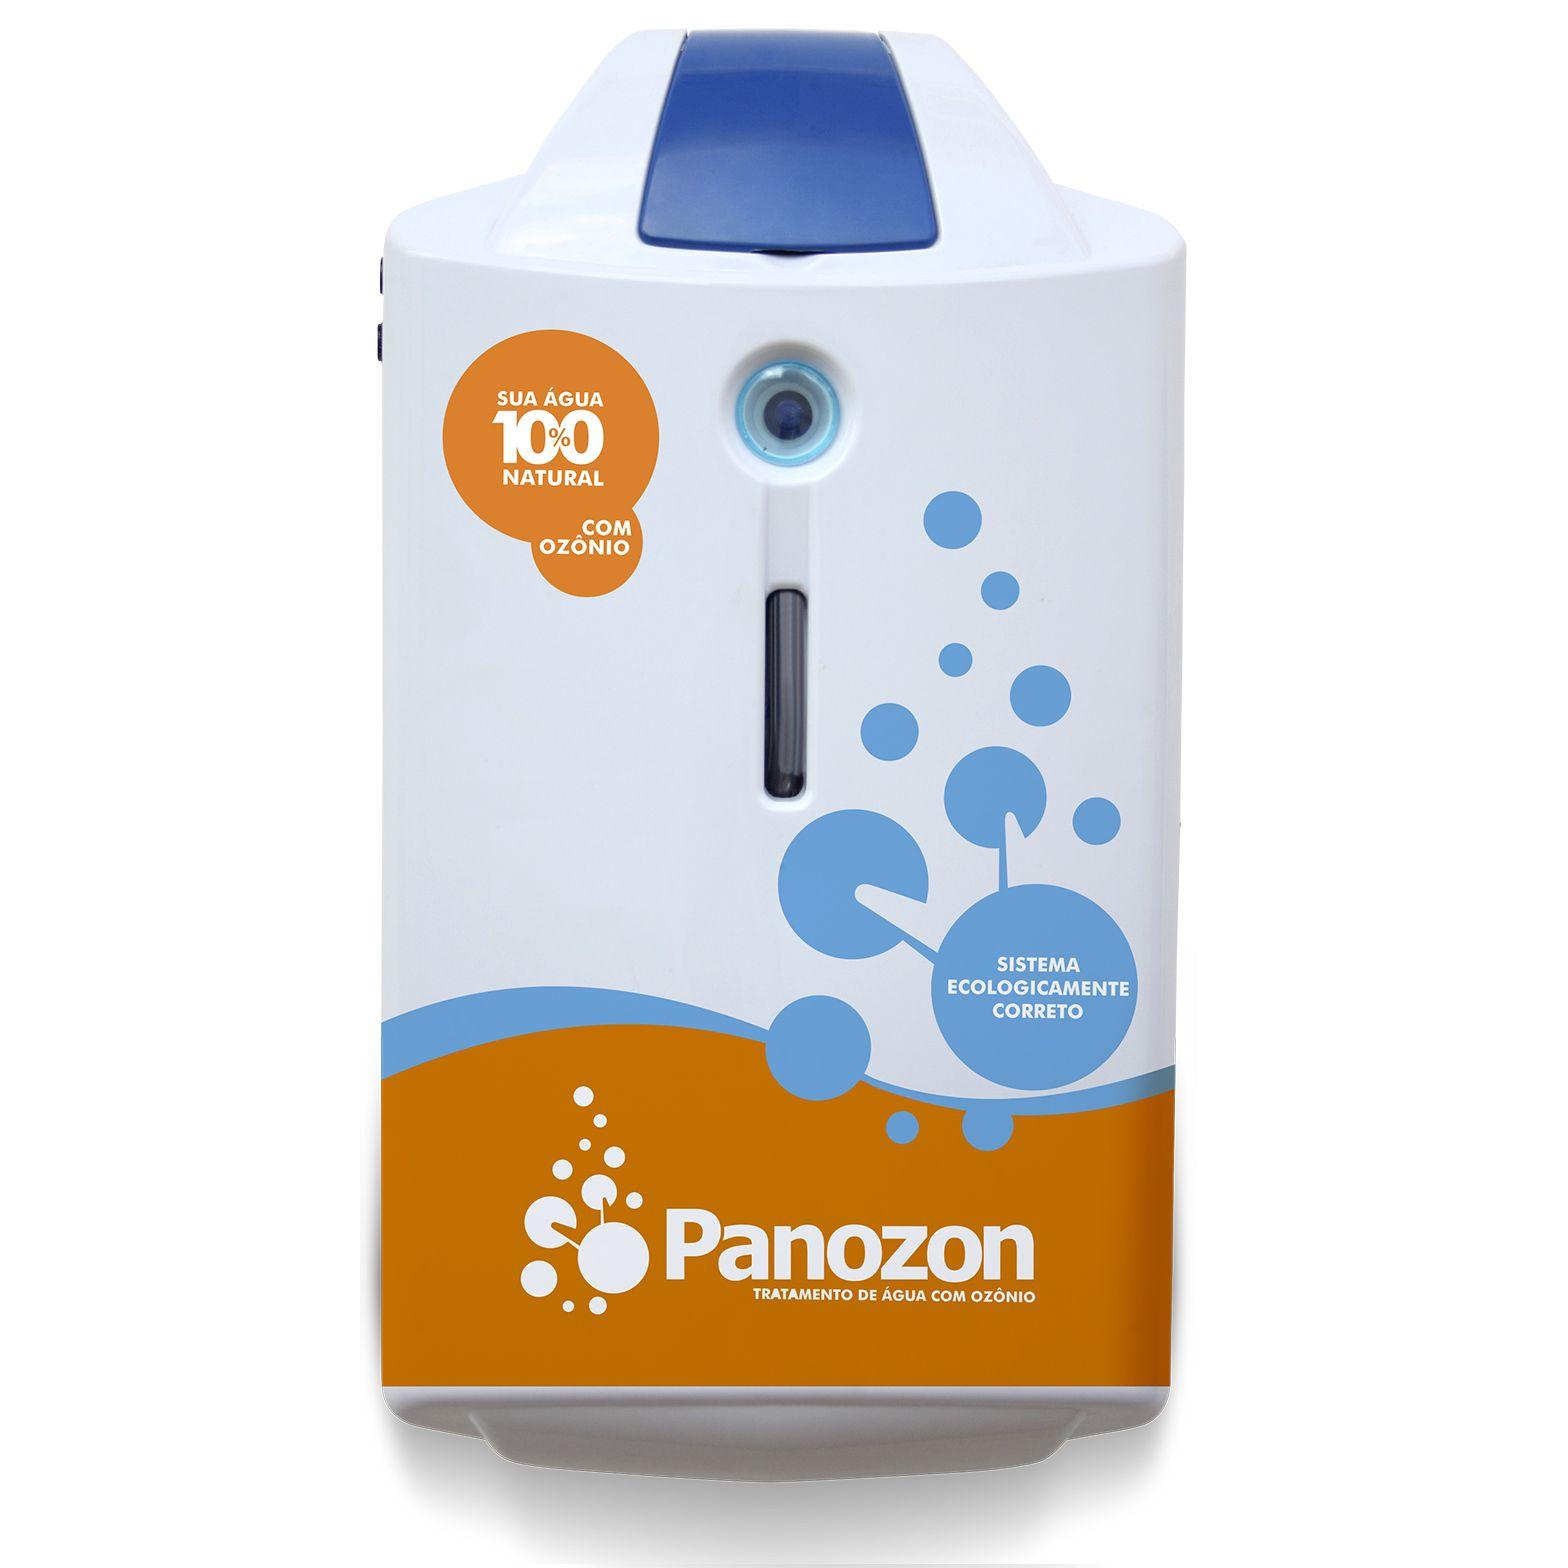 Ozônio Residencial P+85 para Piscinas até 85 m³